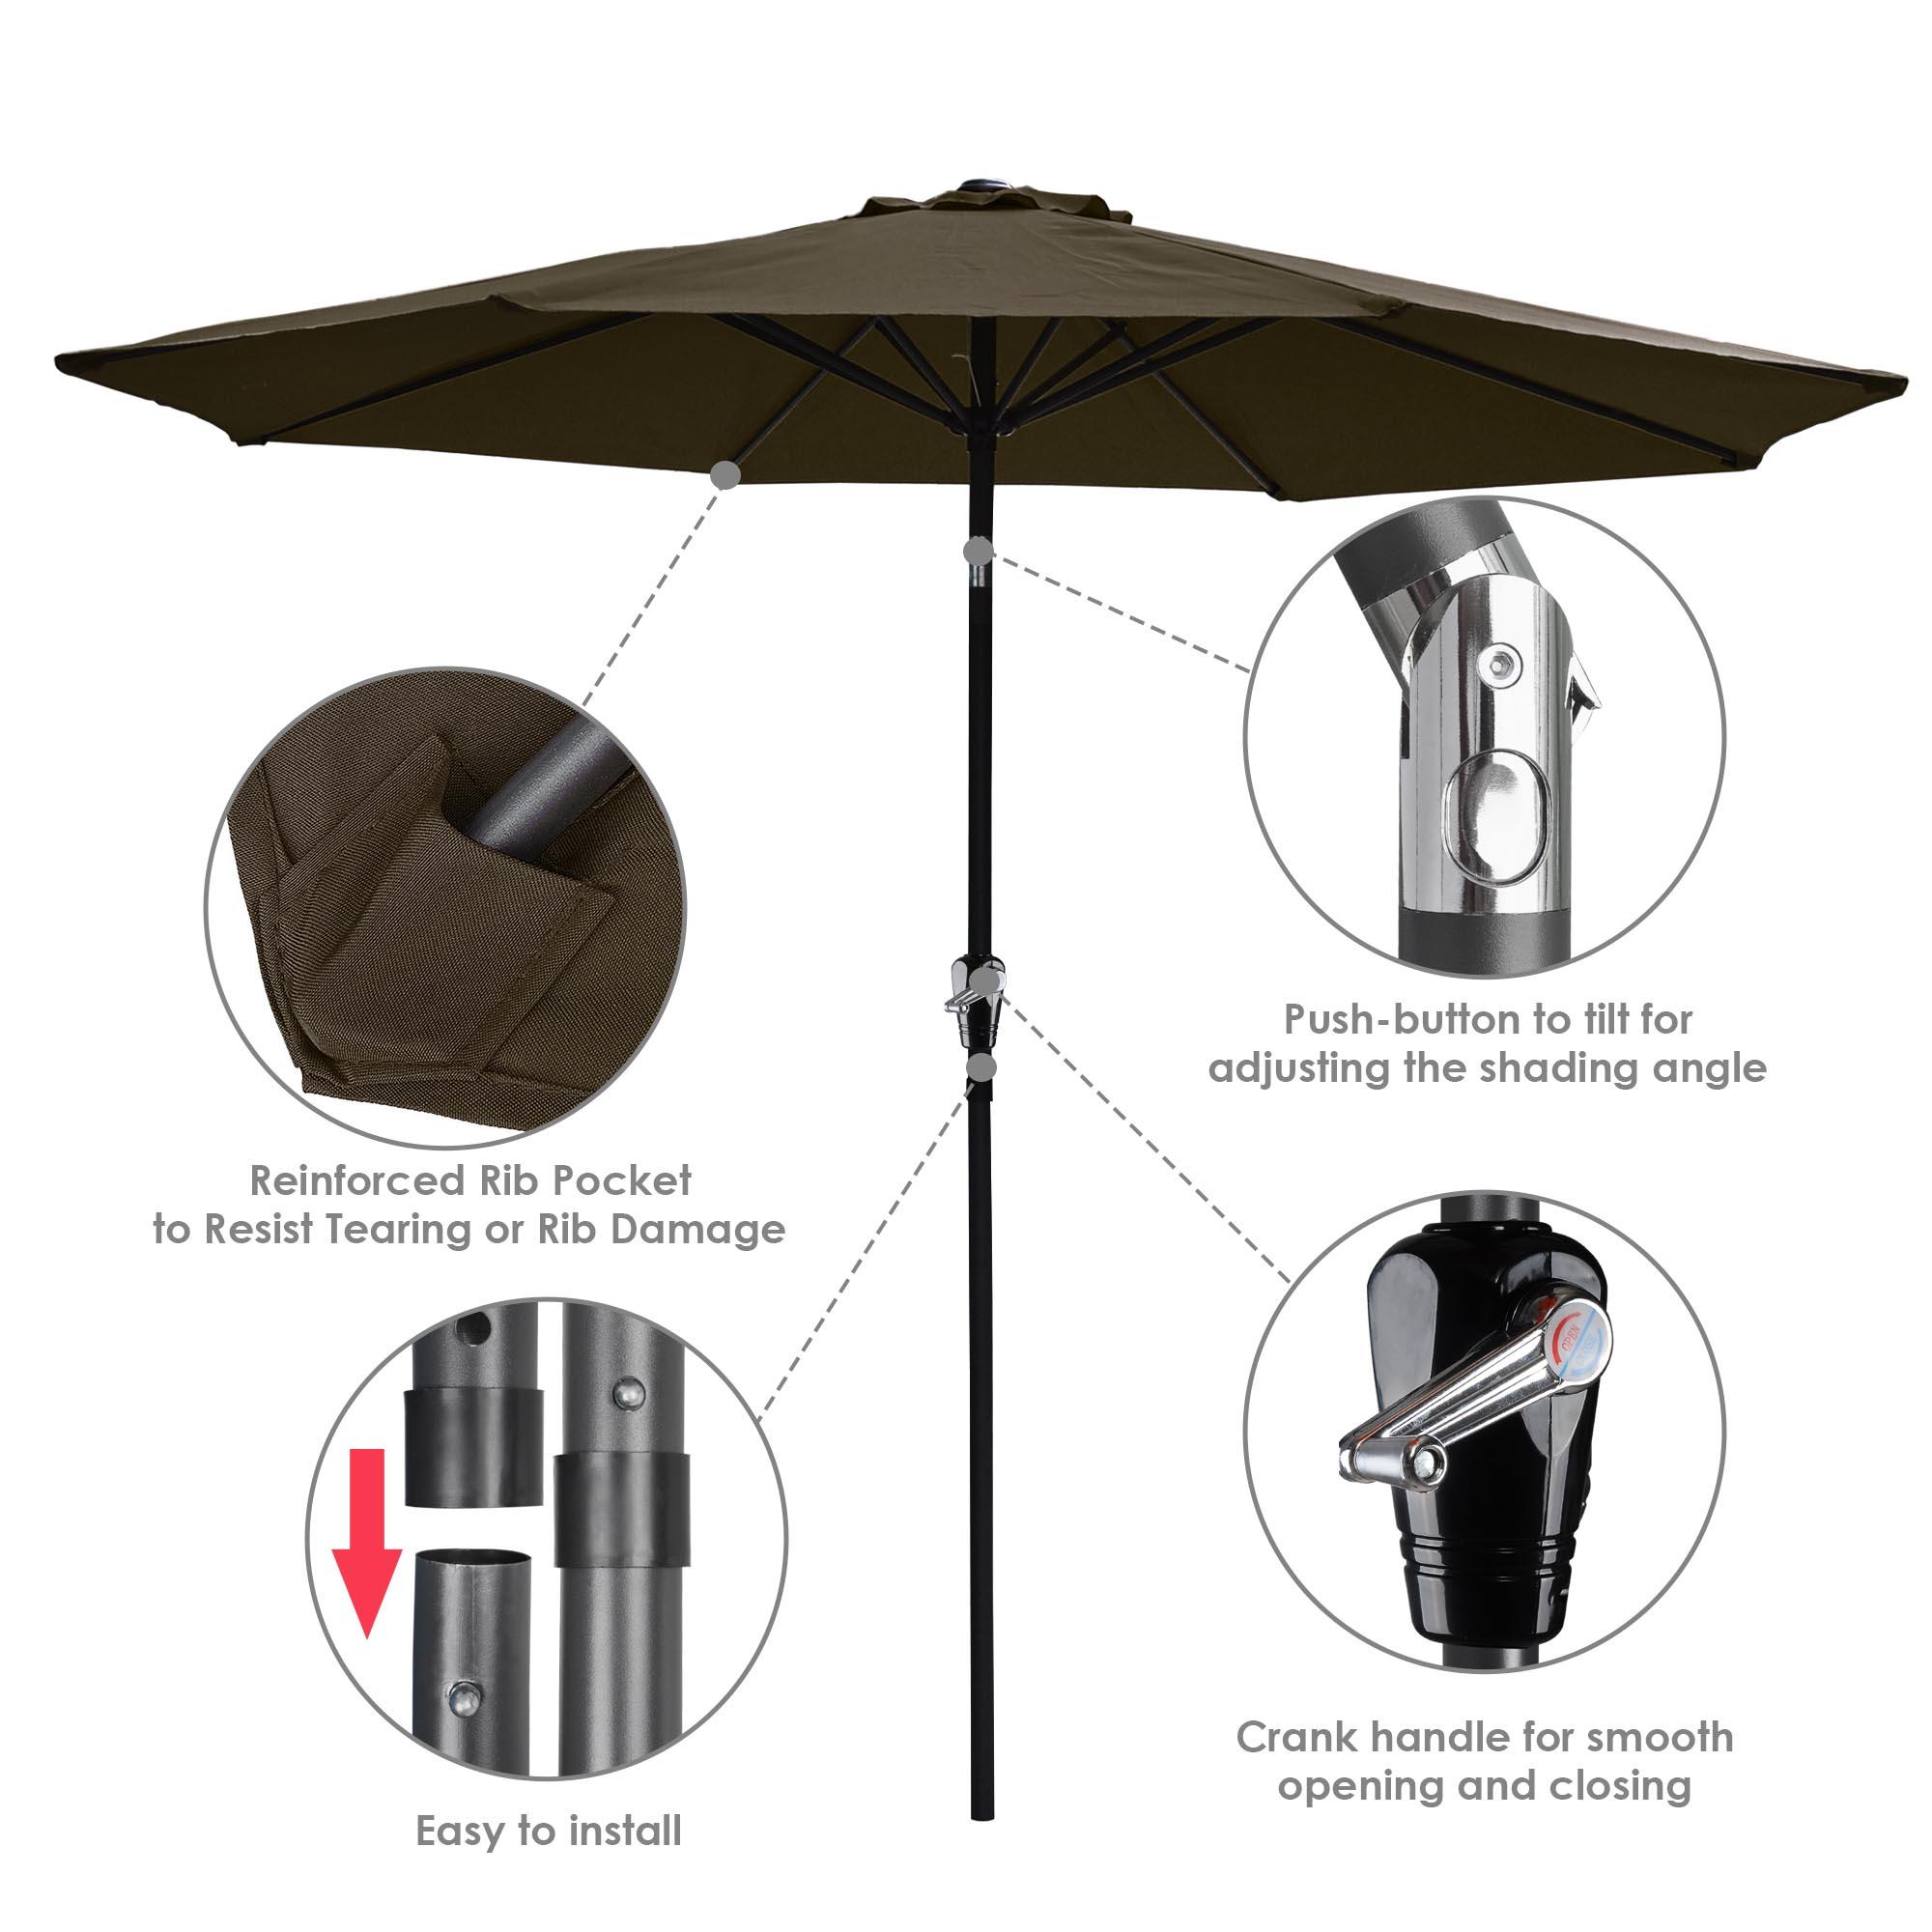 thumbnail 58 - 9' Outdoor Umbrella Patio 8 Ribs Market Garden Crank Tilt Beach Sunshade Parasol